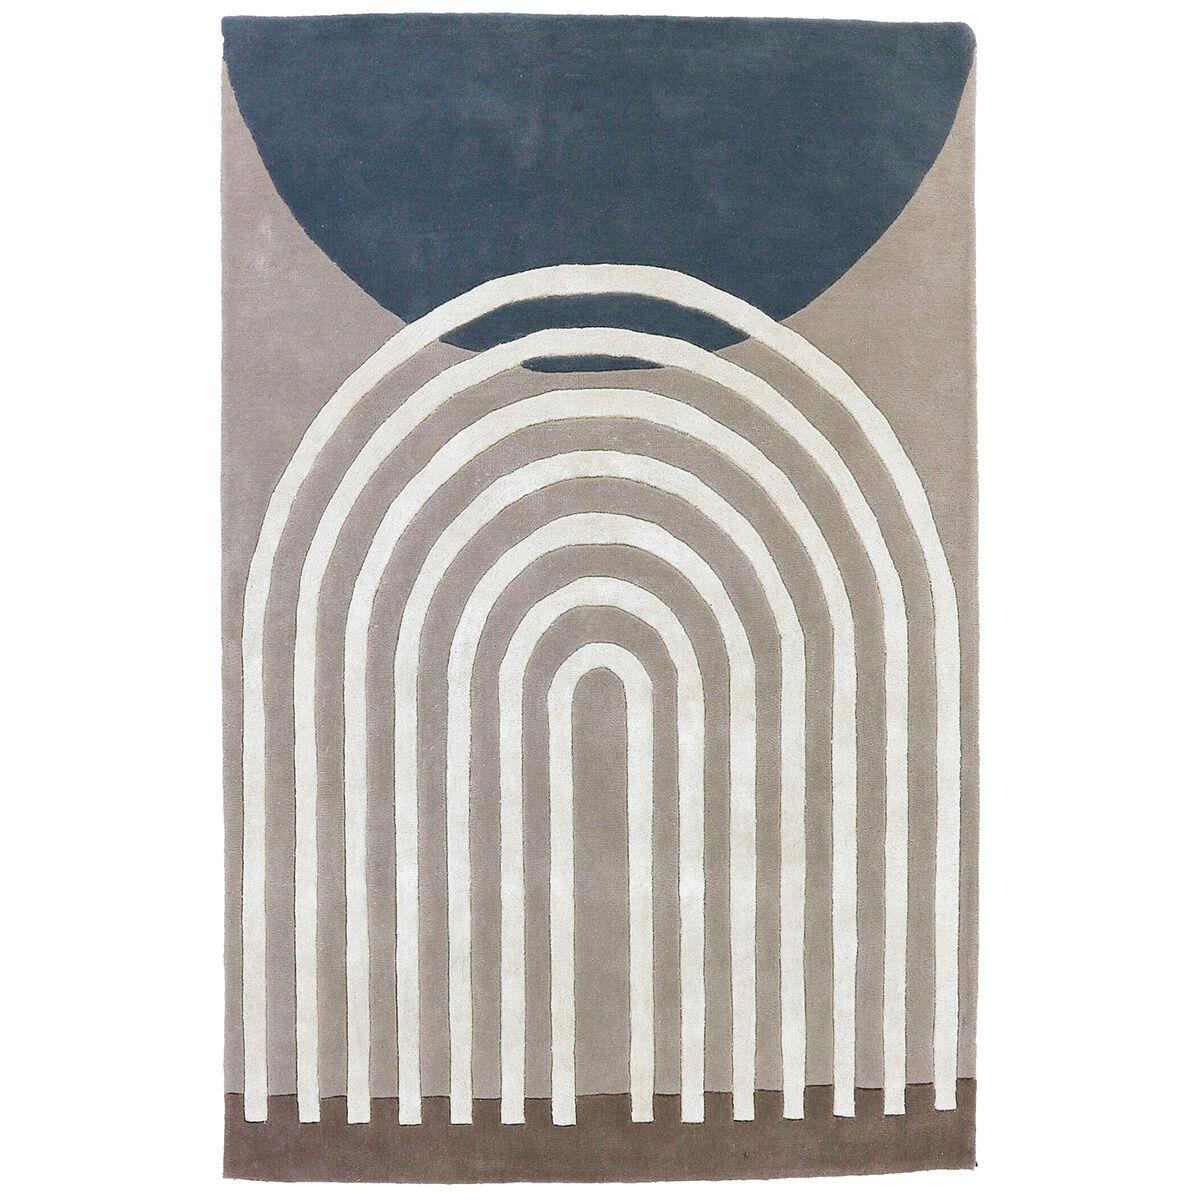 Finarte Atrium matto, harmaa